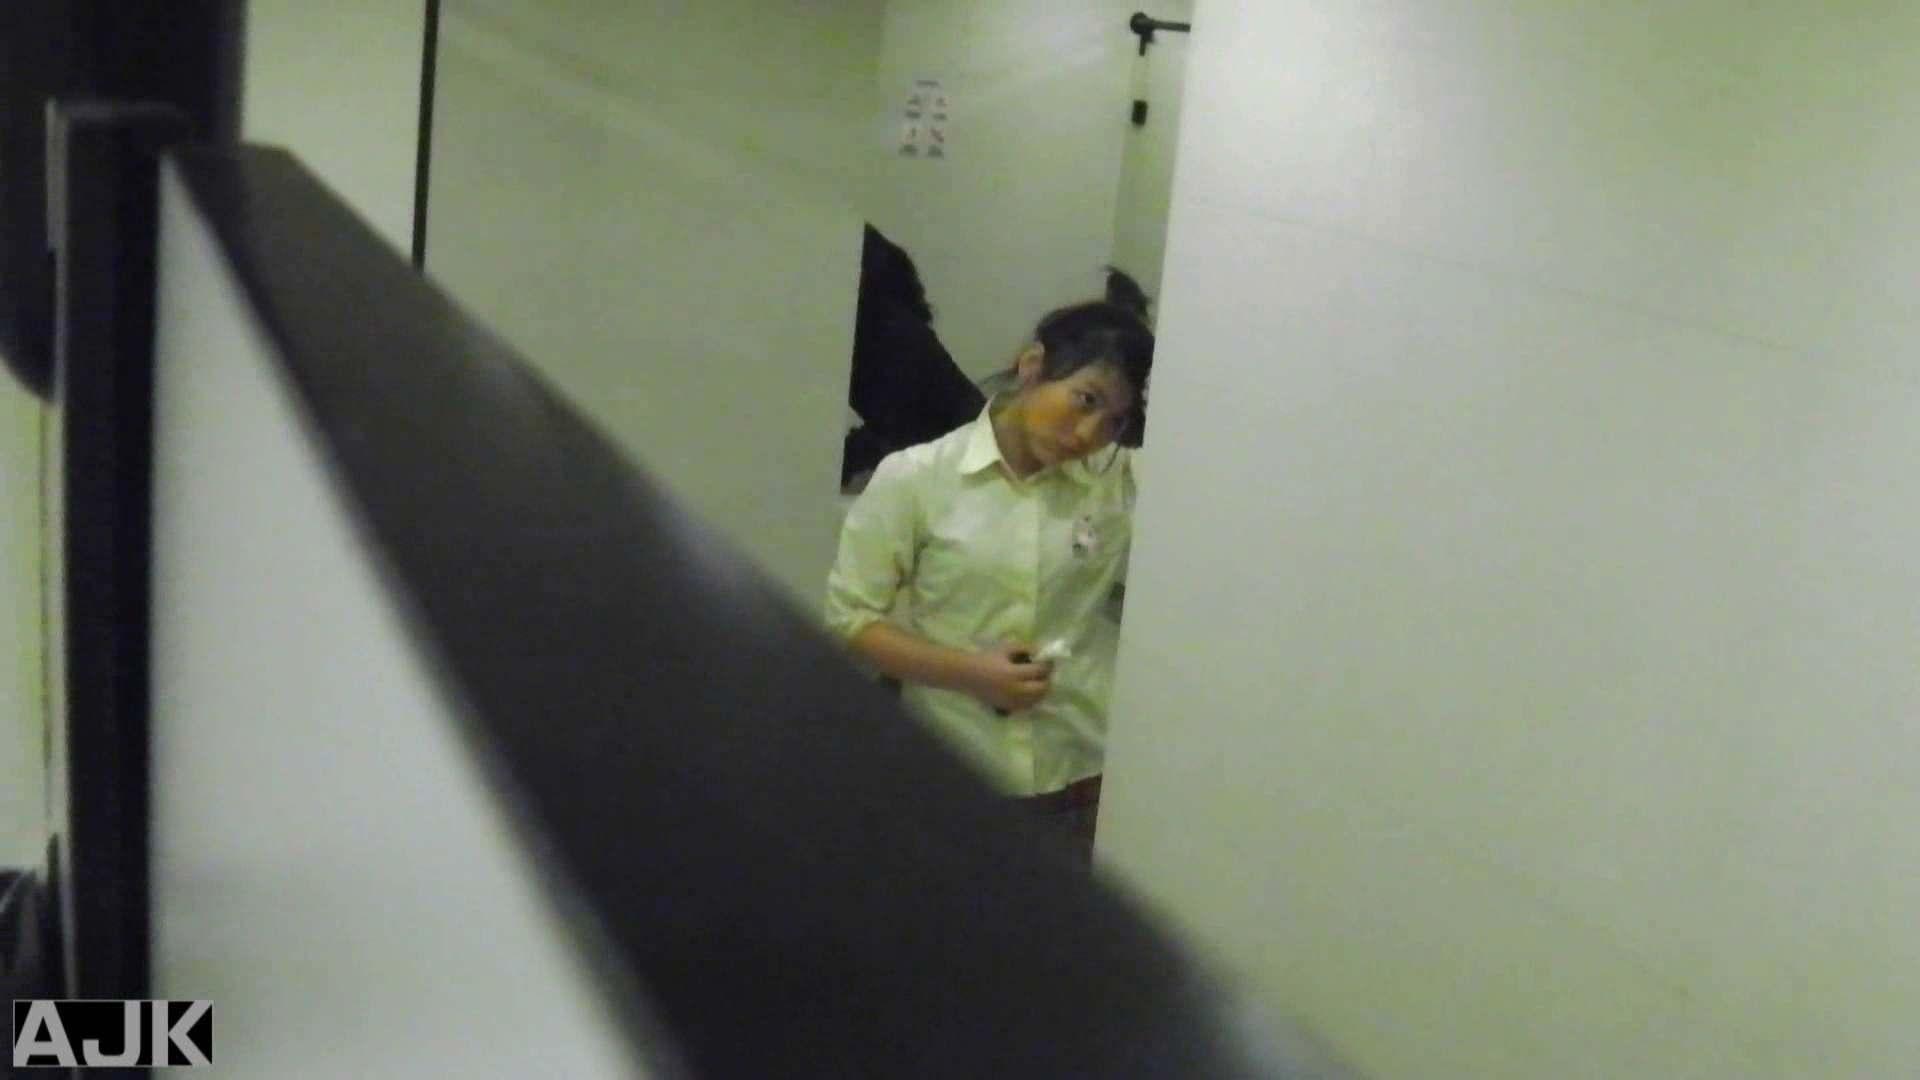 隣国上階級エリアの令嬢たちが集うデパートお手洗い Vol.17 お手洗い | OL  102連発 56